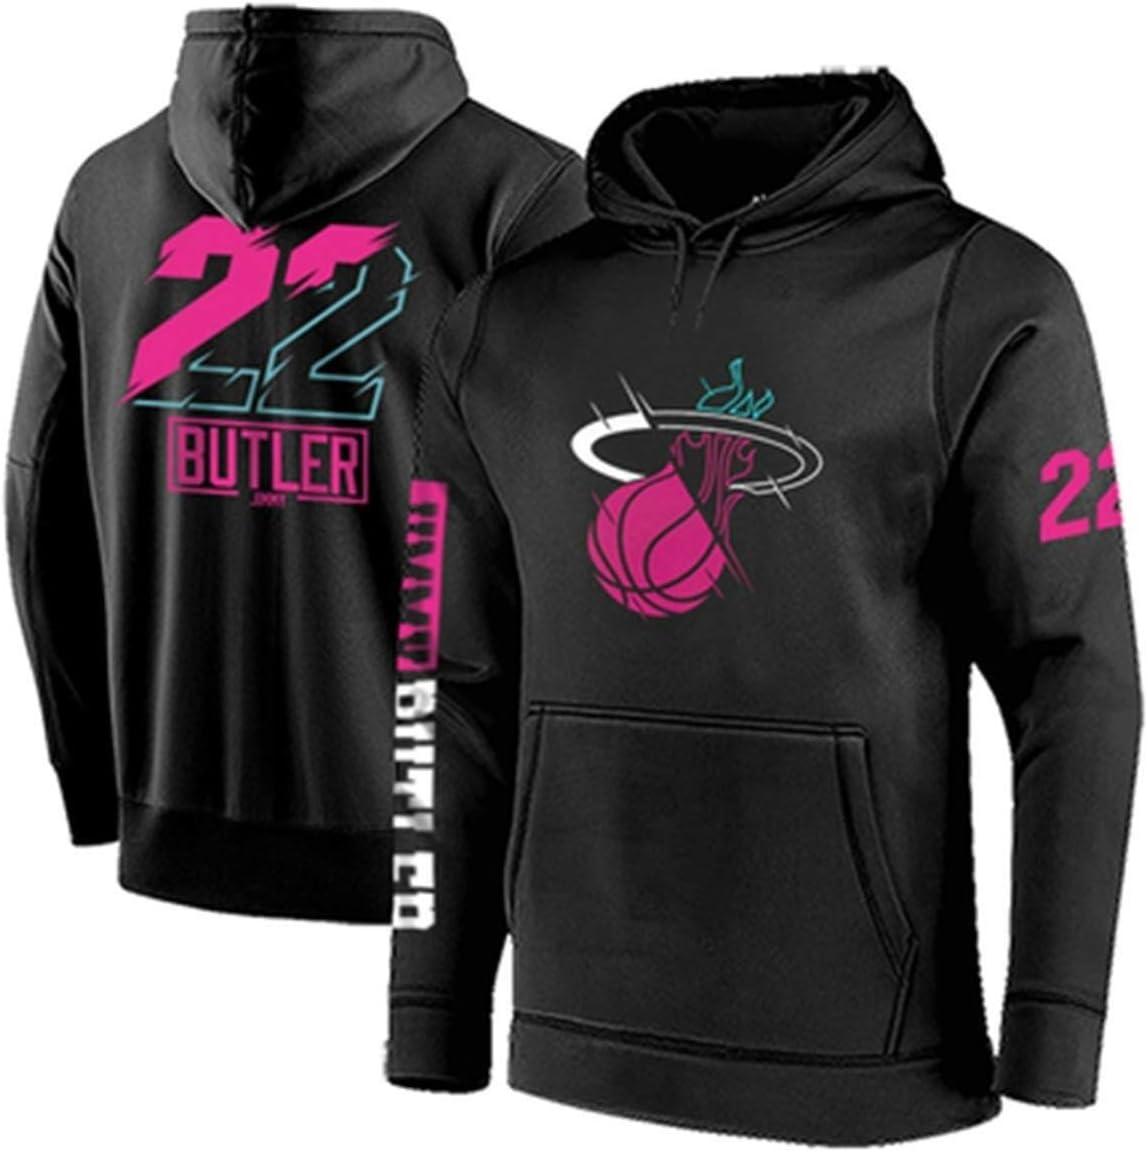 Color : Blue, Size : S Gflyme Sudadera con Capucha de Baloncesto de la NBA Miami Heat No.22 Mayordomo Hombres Camiseta de Espesado Sudadera Jersey Baloncesto Ropa Sueltos